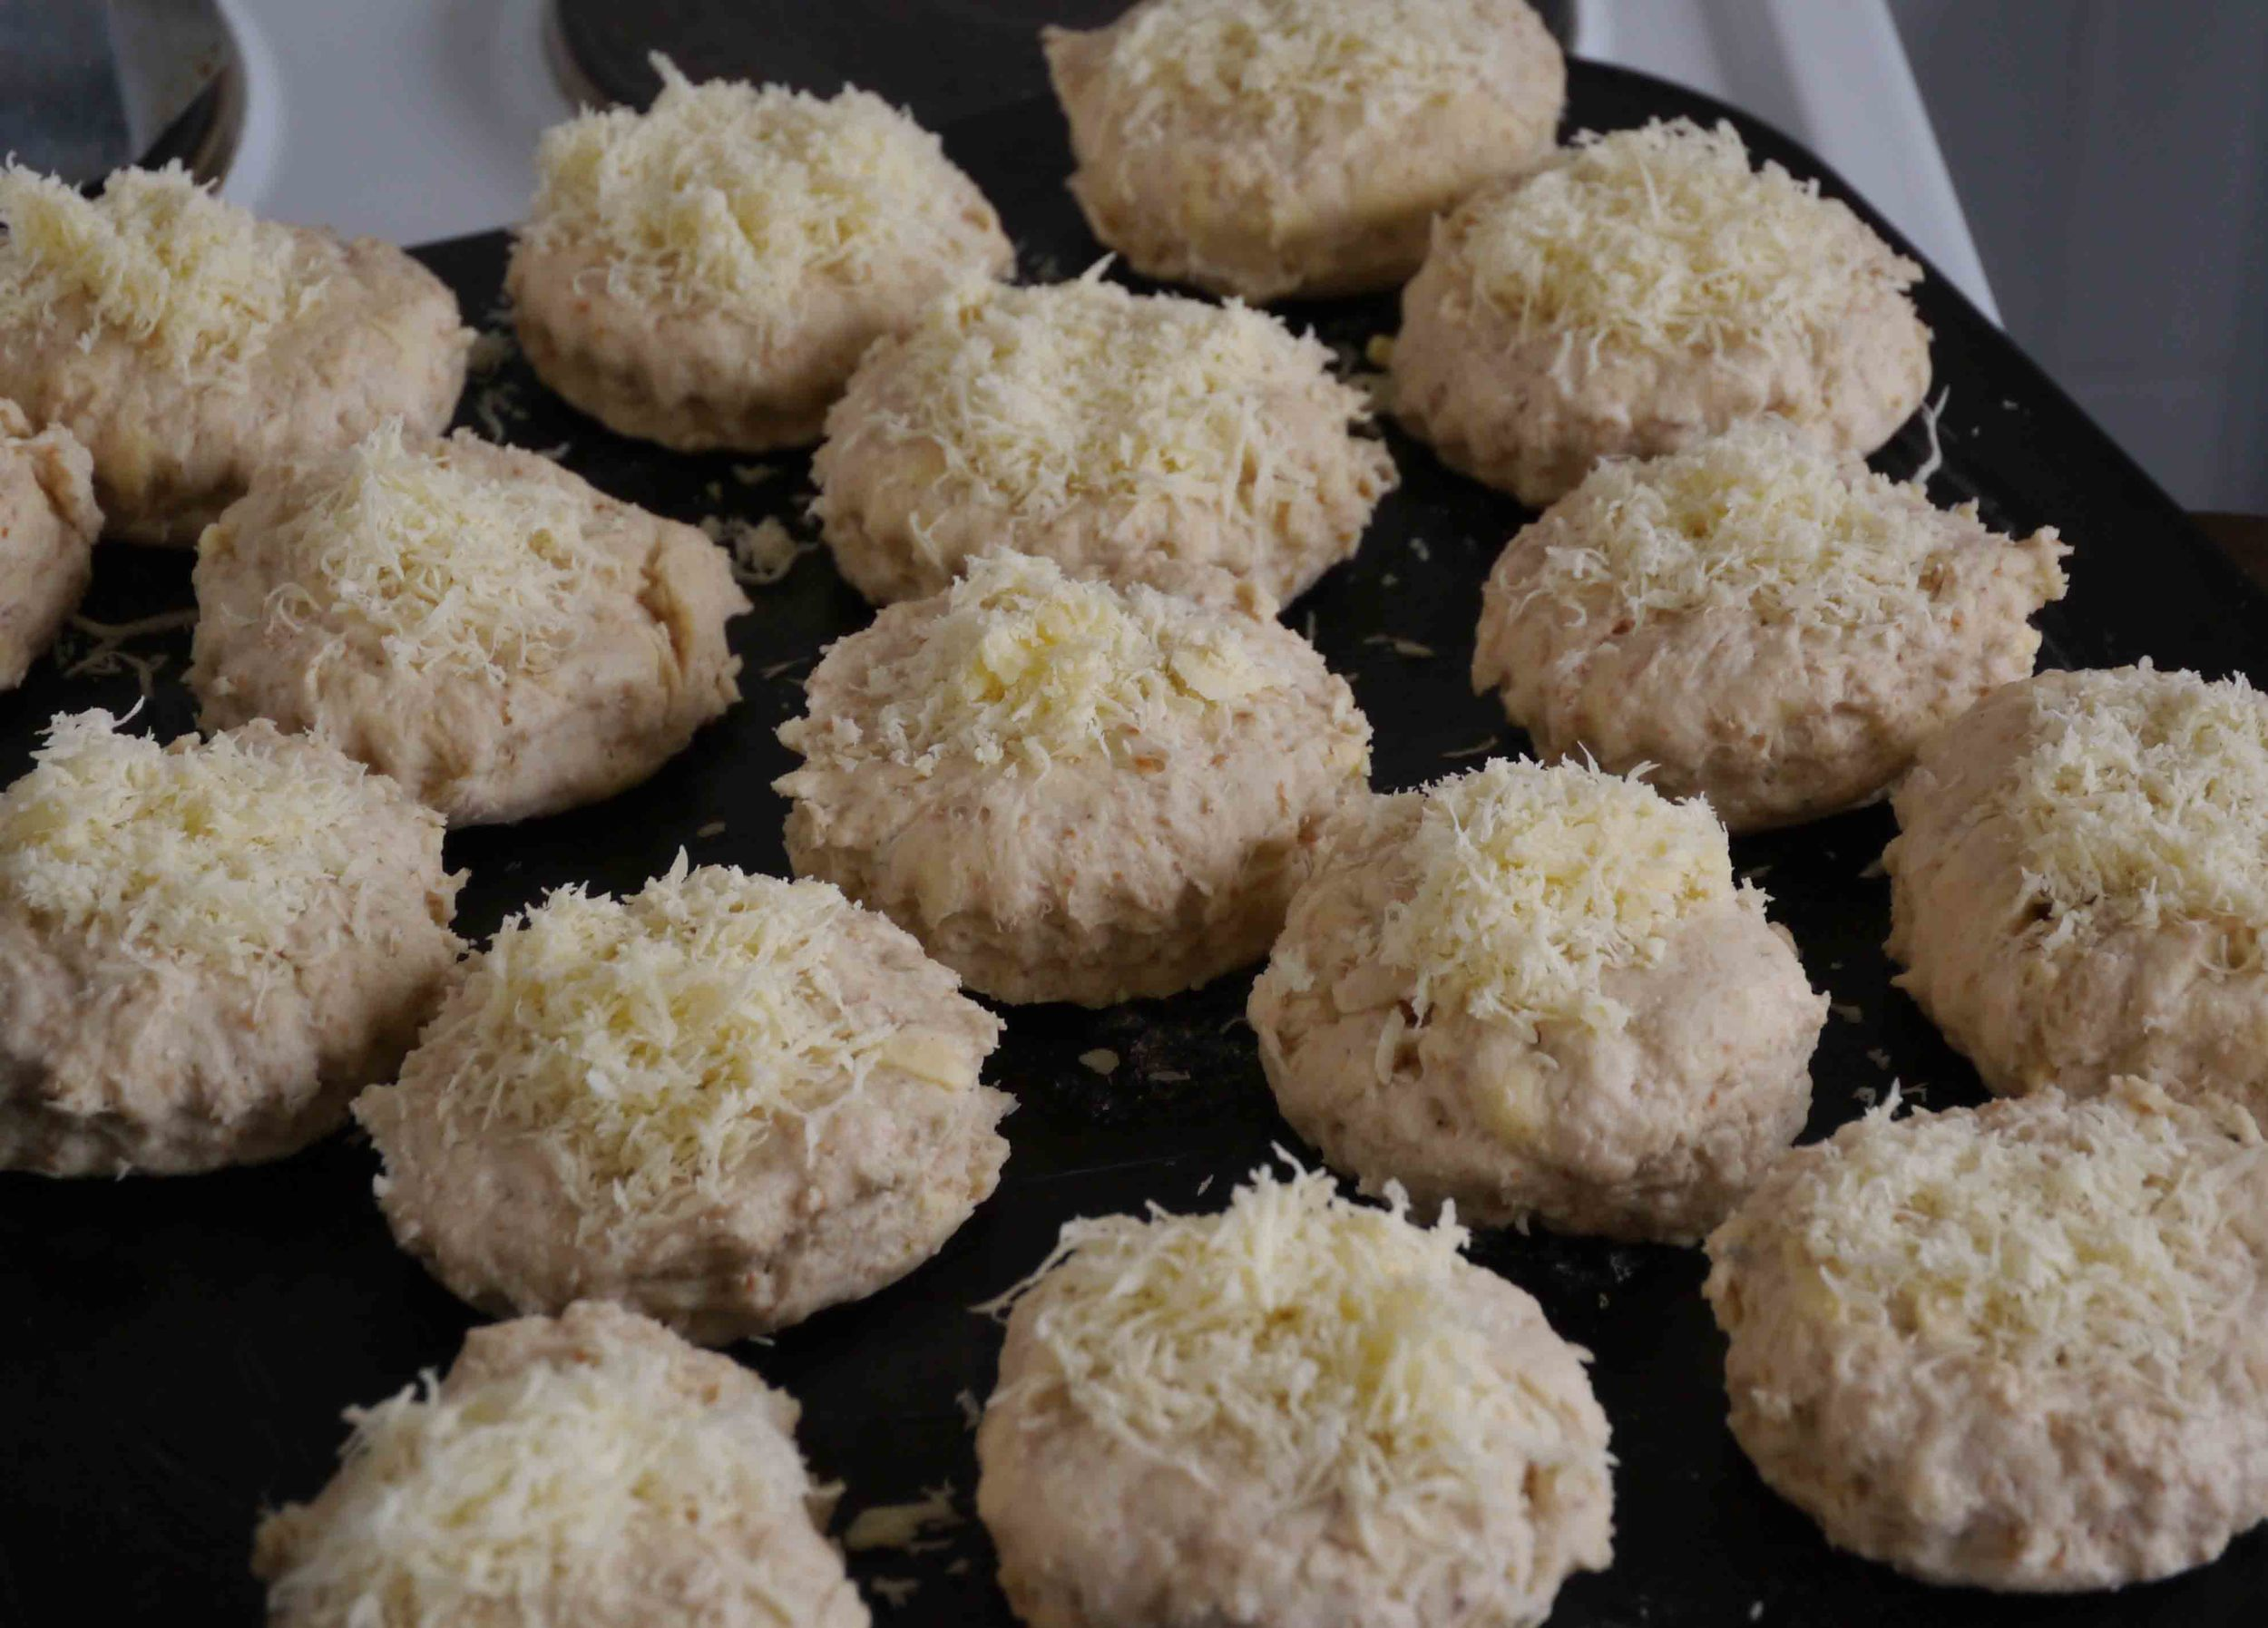 sourdough cheese scones ready to bake